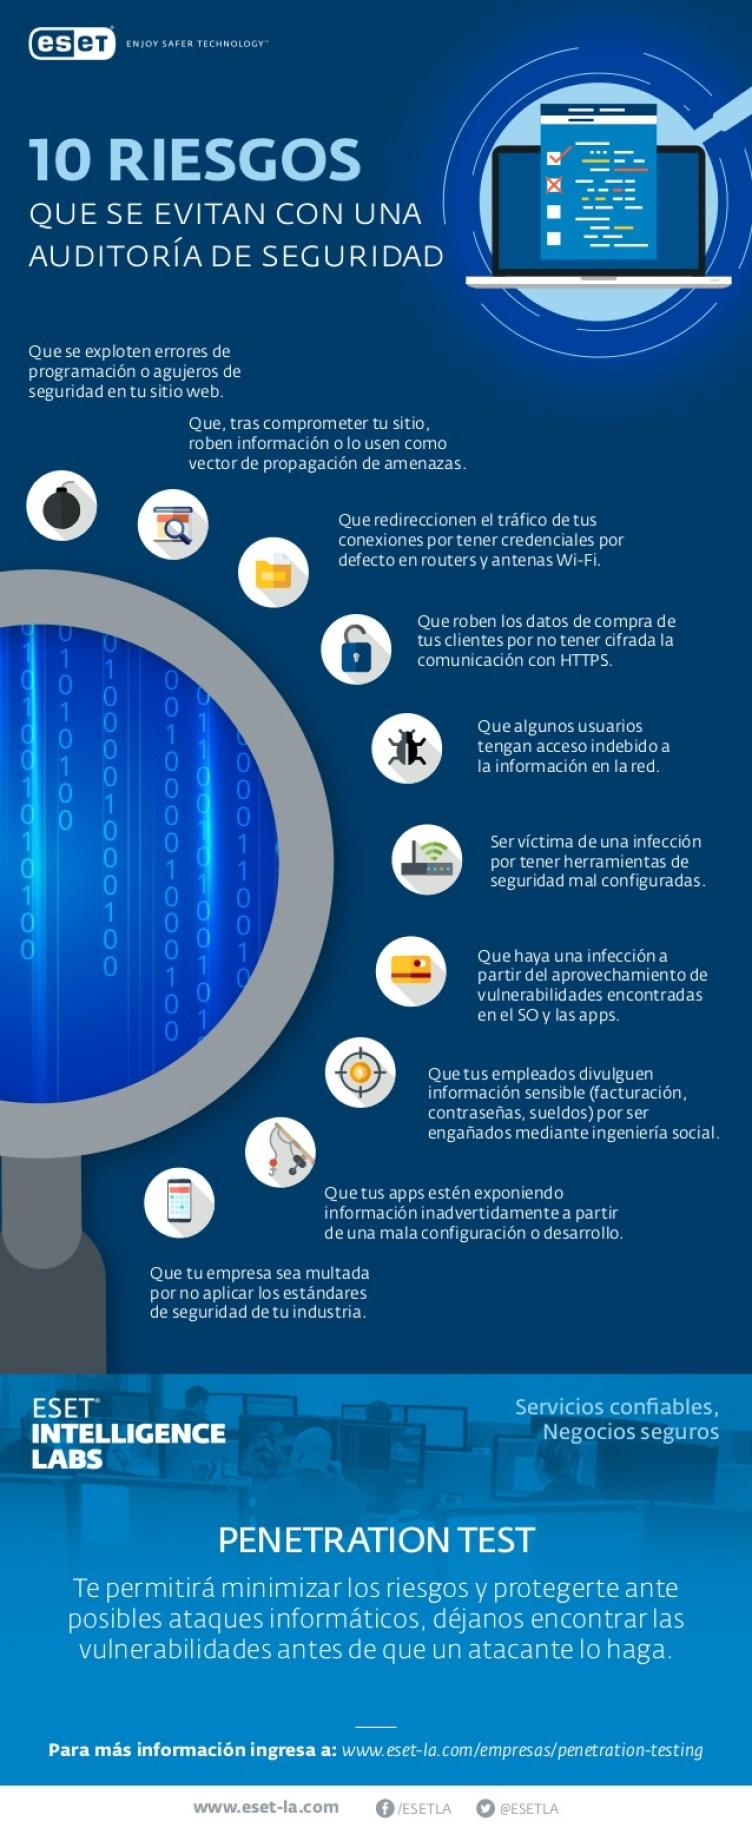 10 riesgos que se evitan con una Auditoría de Seguridad